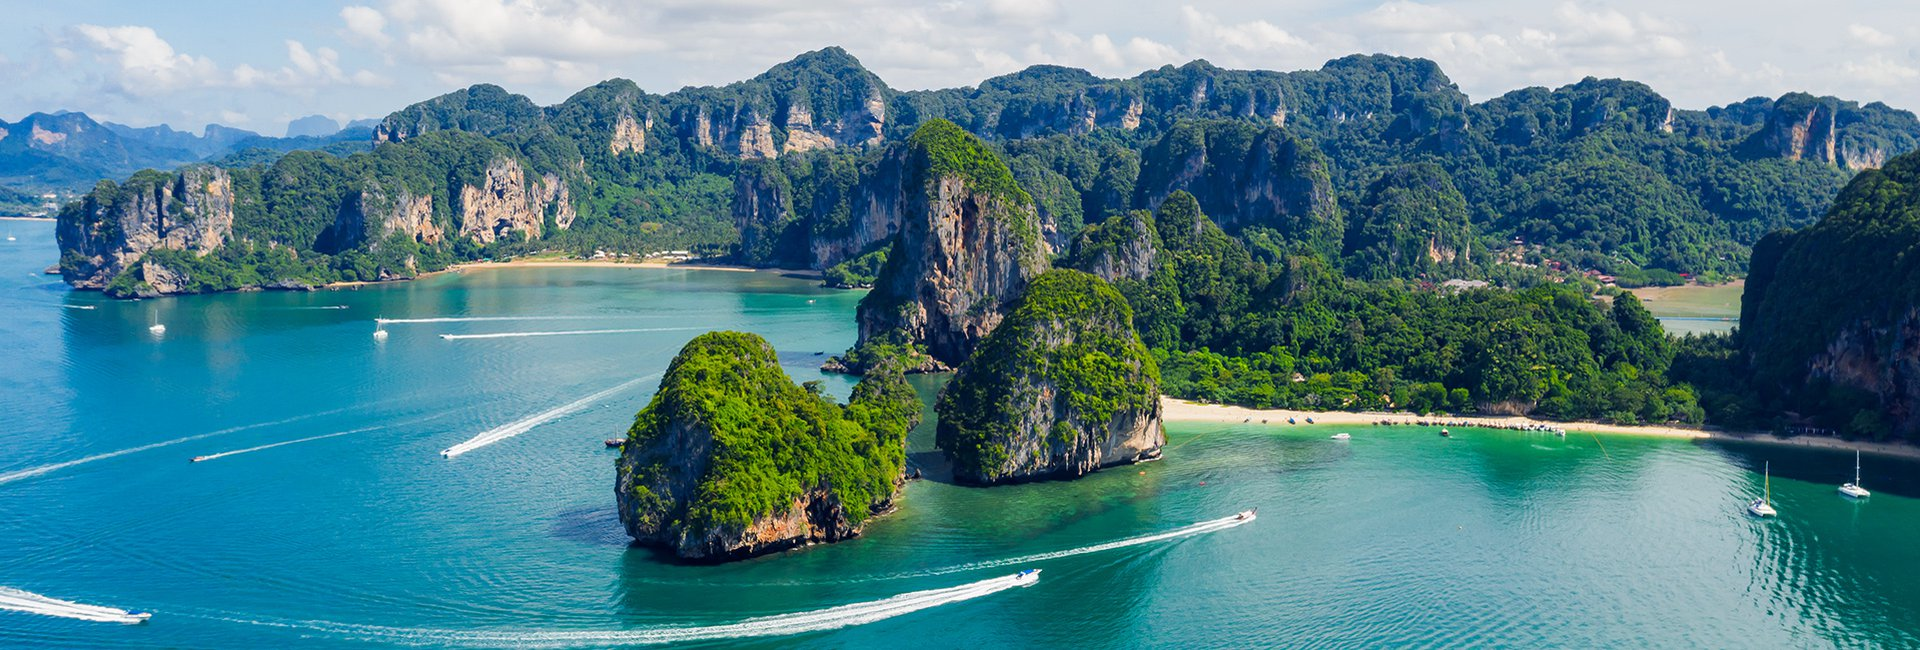 Top 10 điểm đến tuyệt đẹp tại Krabi, Thái Lan